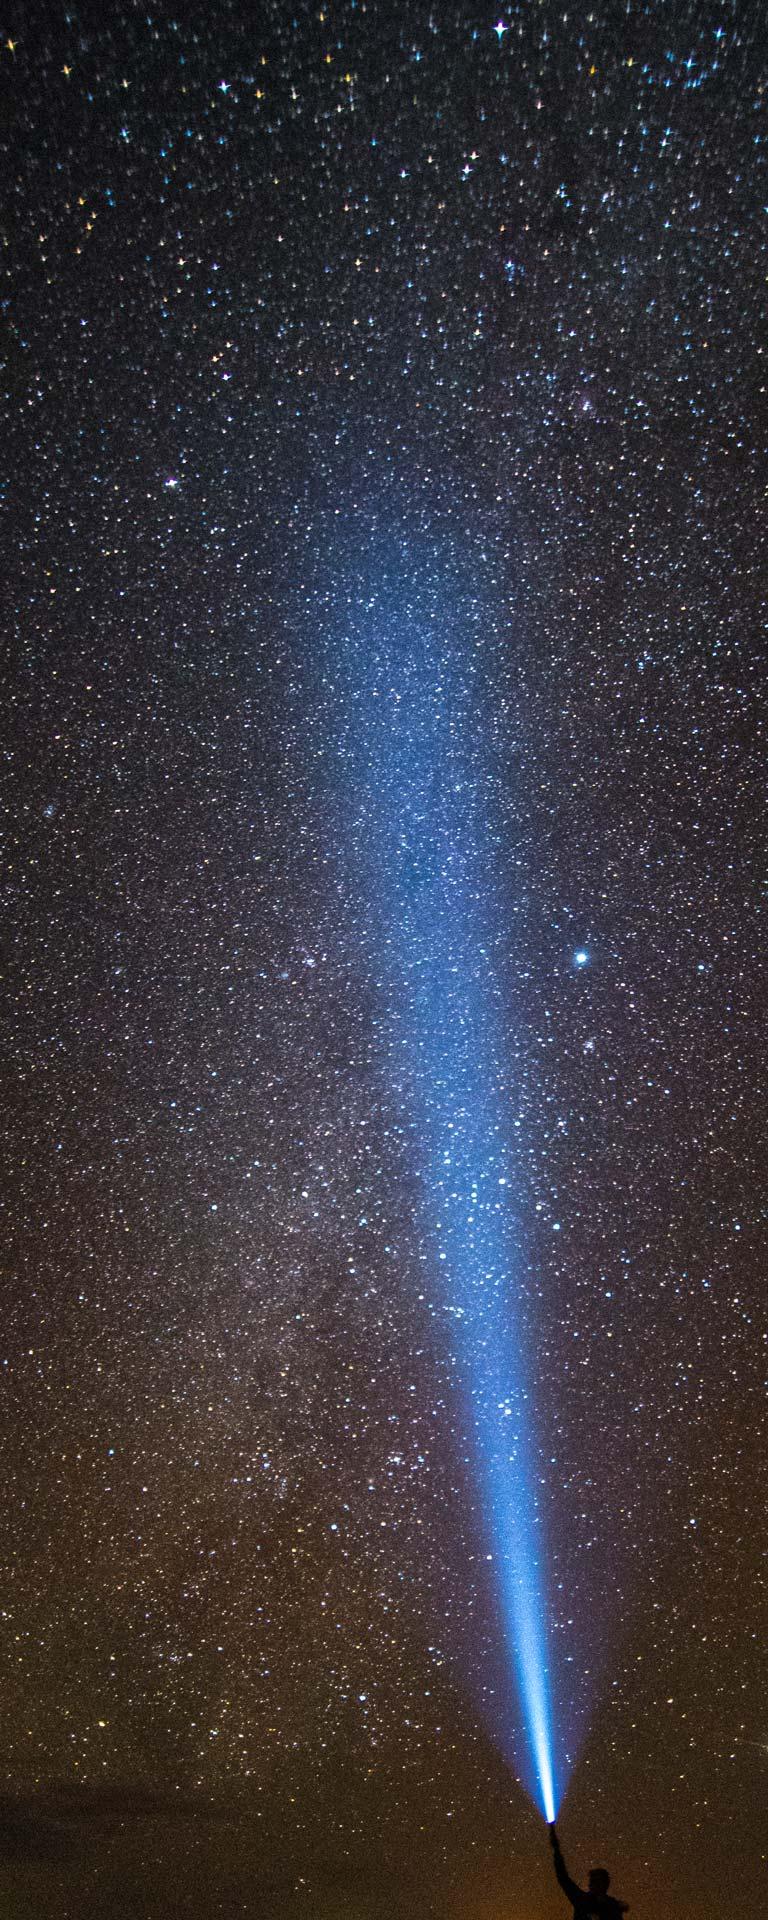 Nachtfotografie - Taschenlampenschein im Himmel